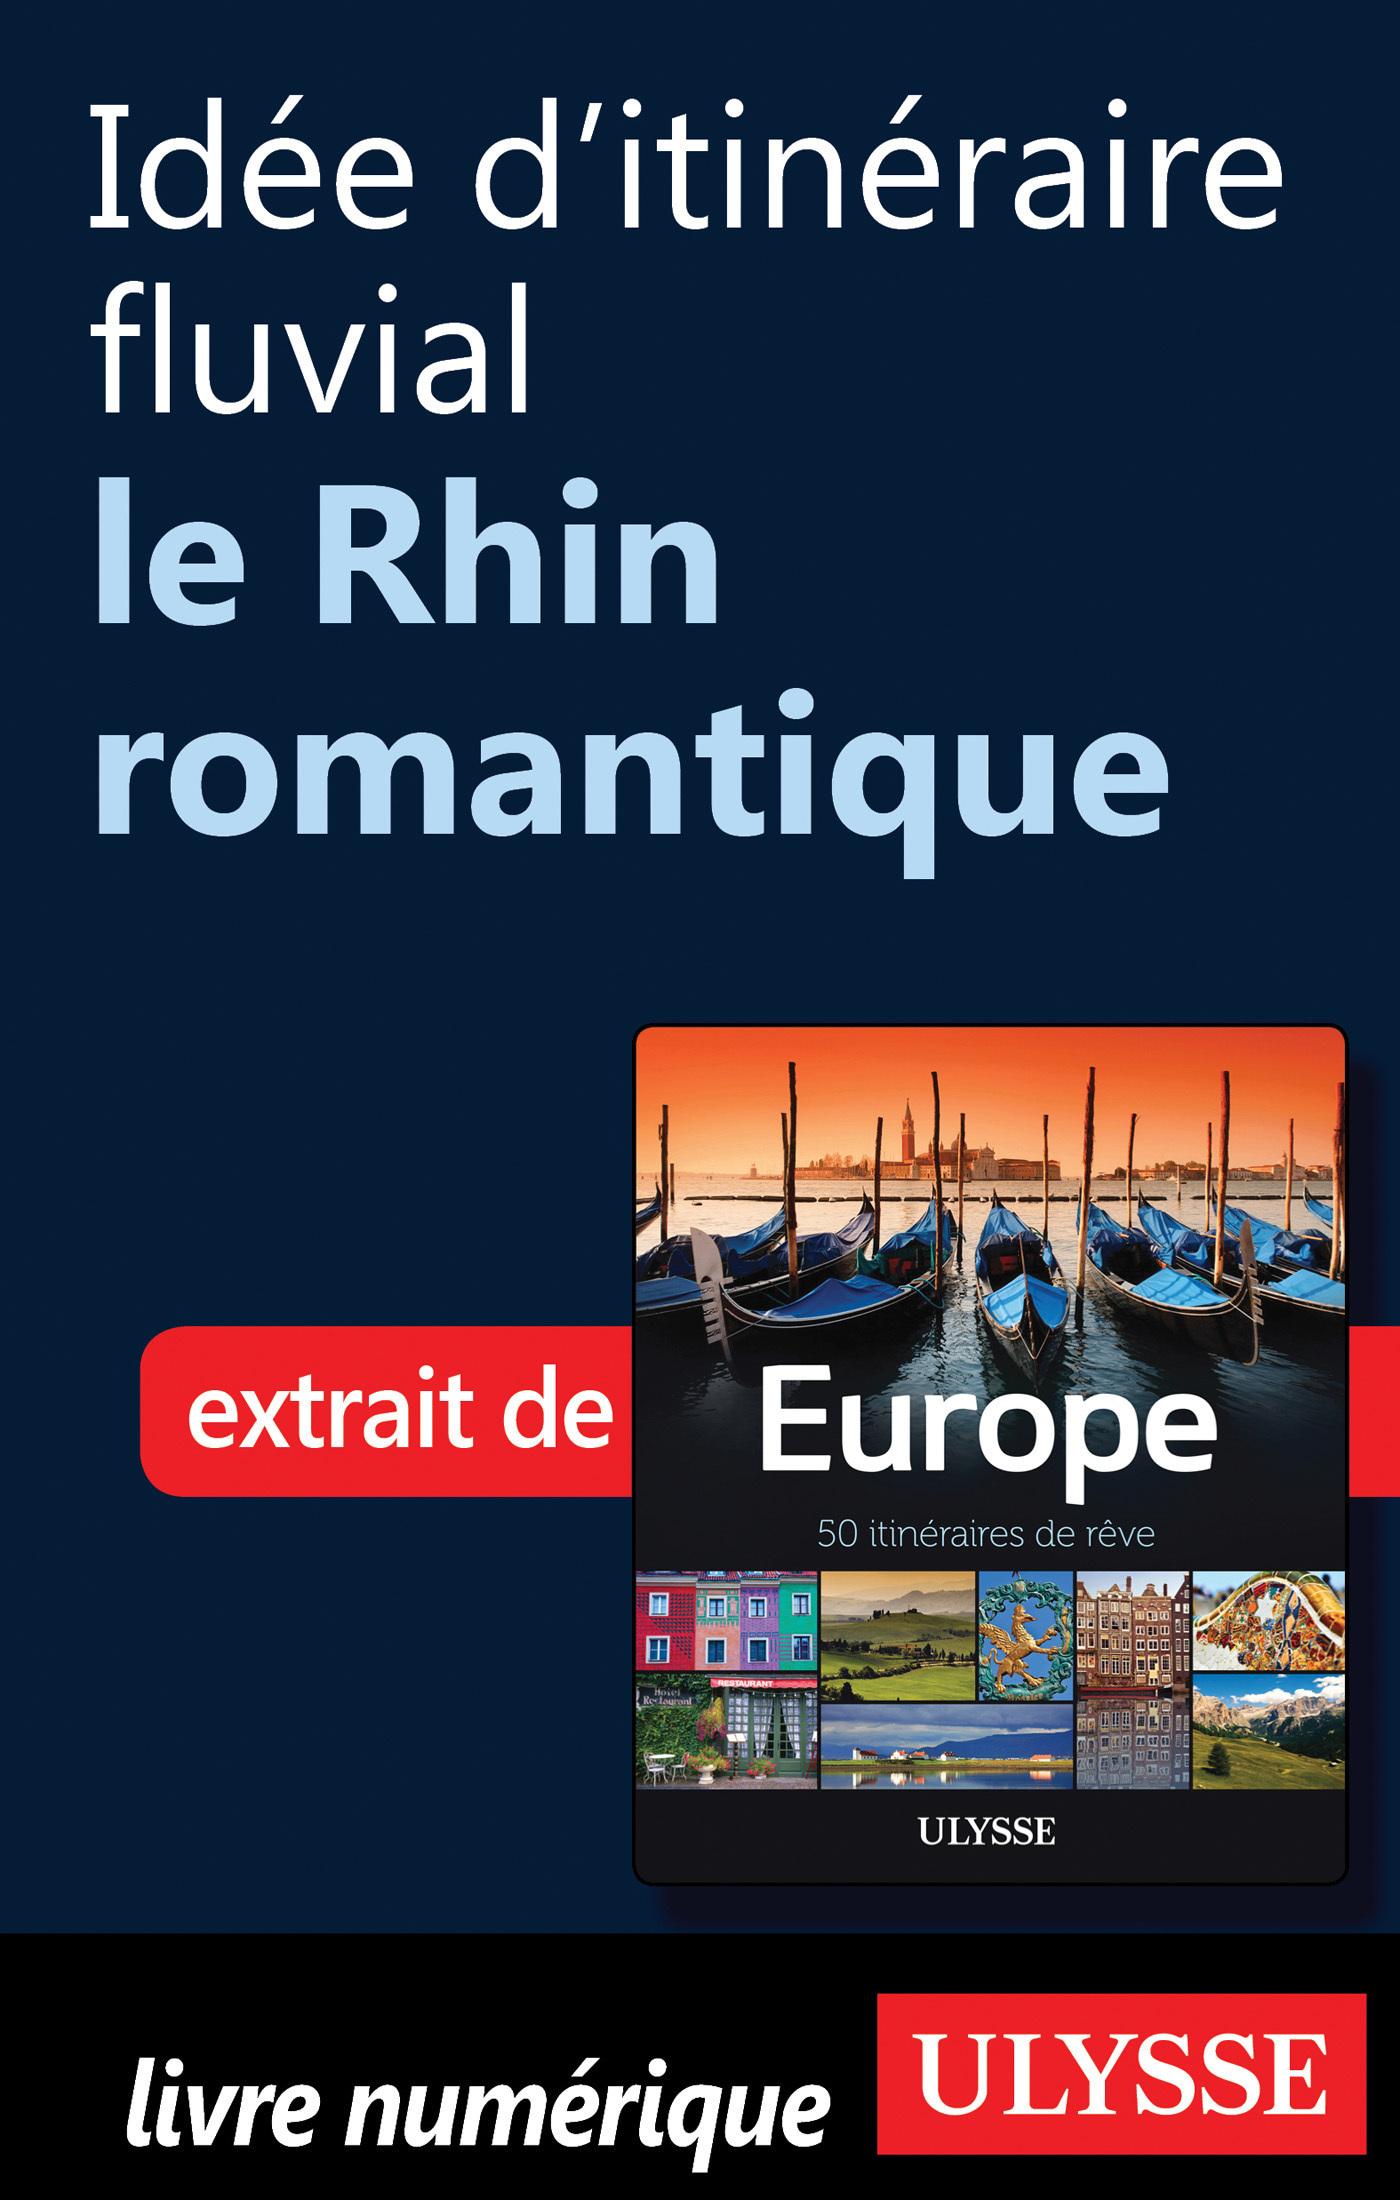 Idée d'itinéraire fluvial - le Rhin romantique